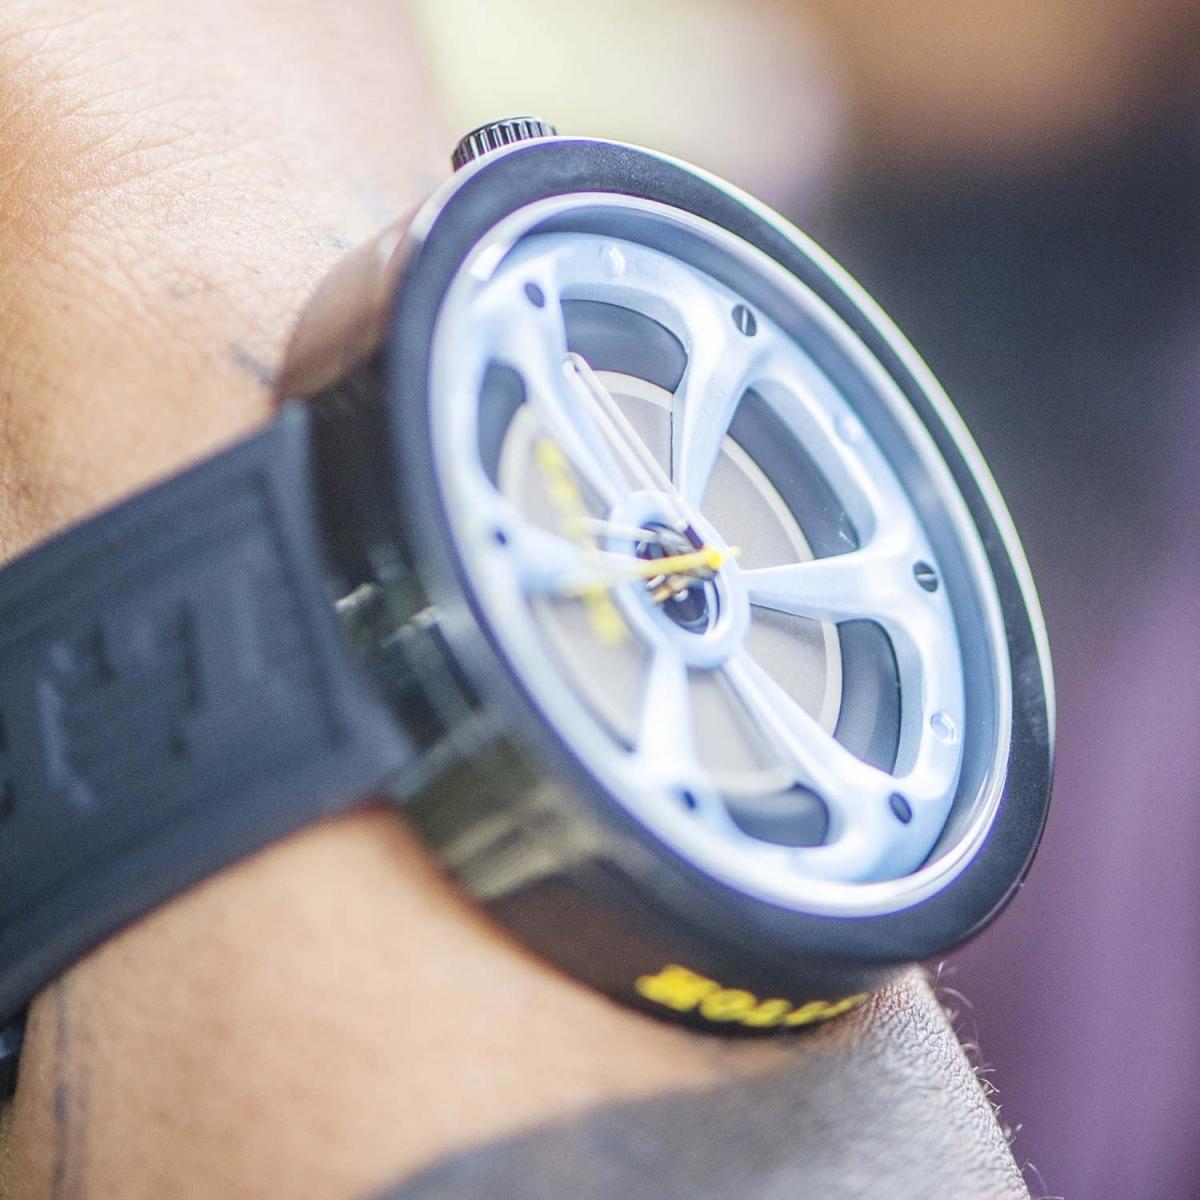 Holler Sunstruck White Watch